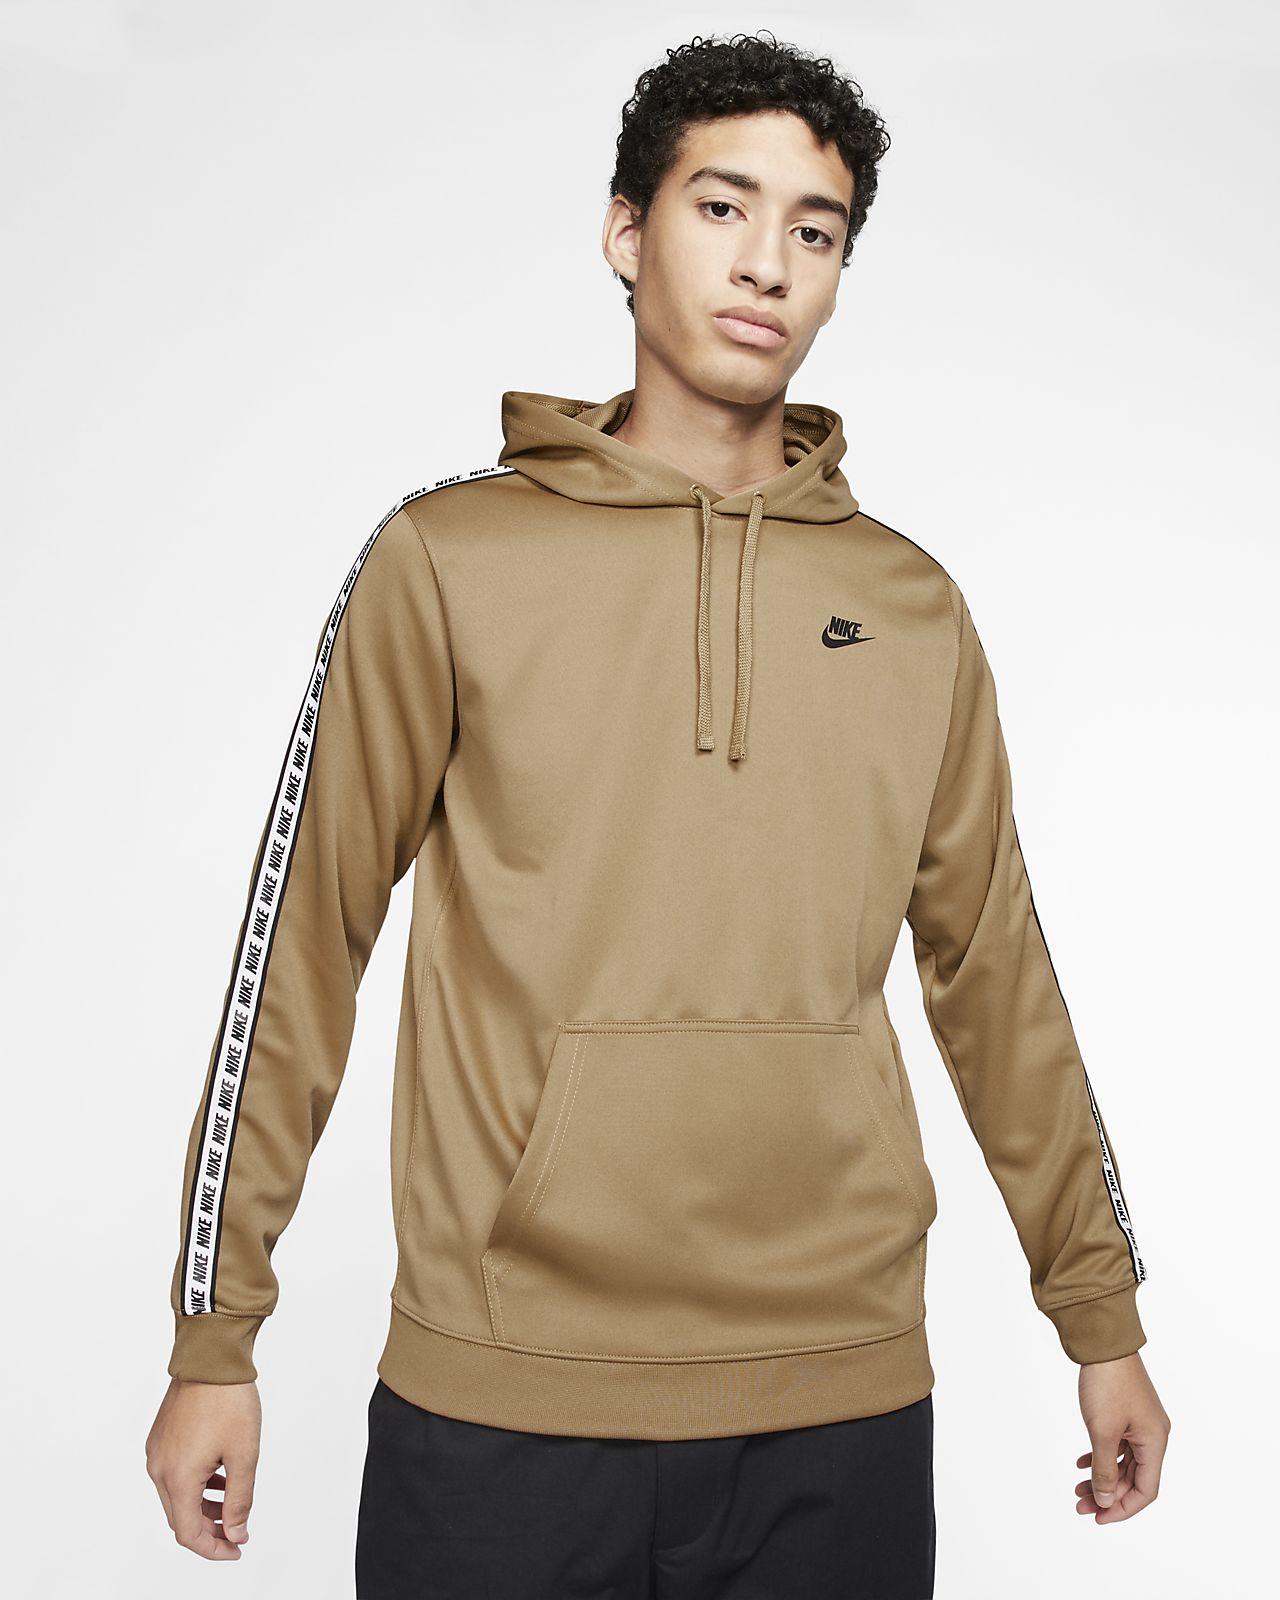 super tanie nowy design dla całej rodziny Męska bluza z kapturem Nike Sportswear